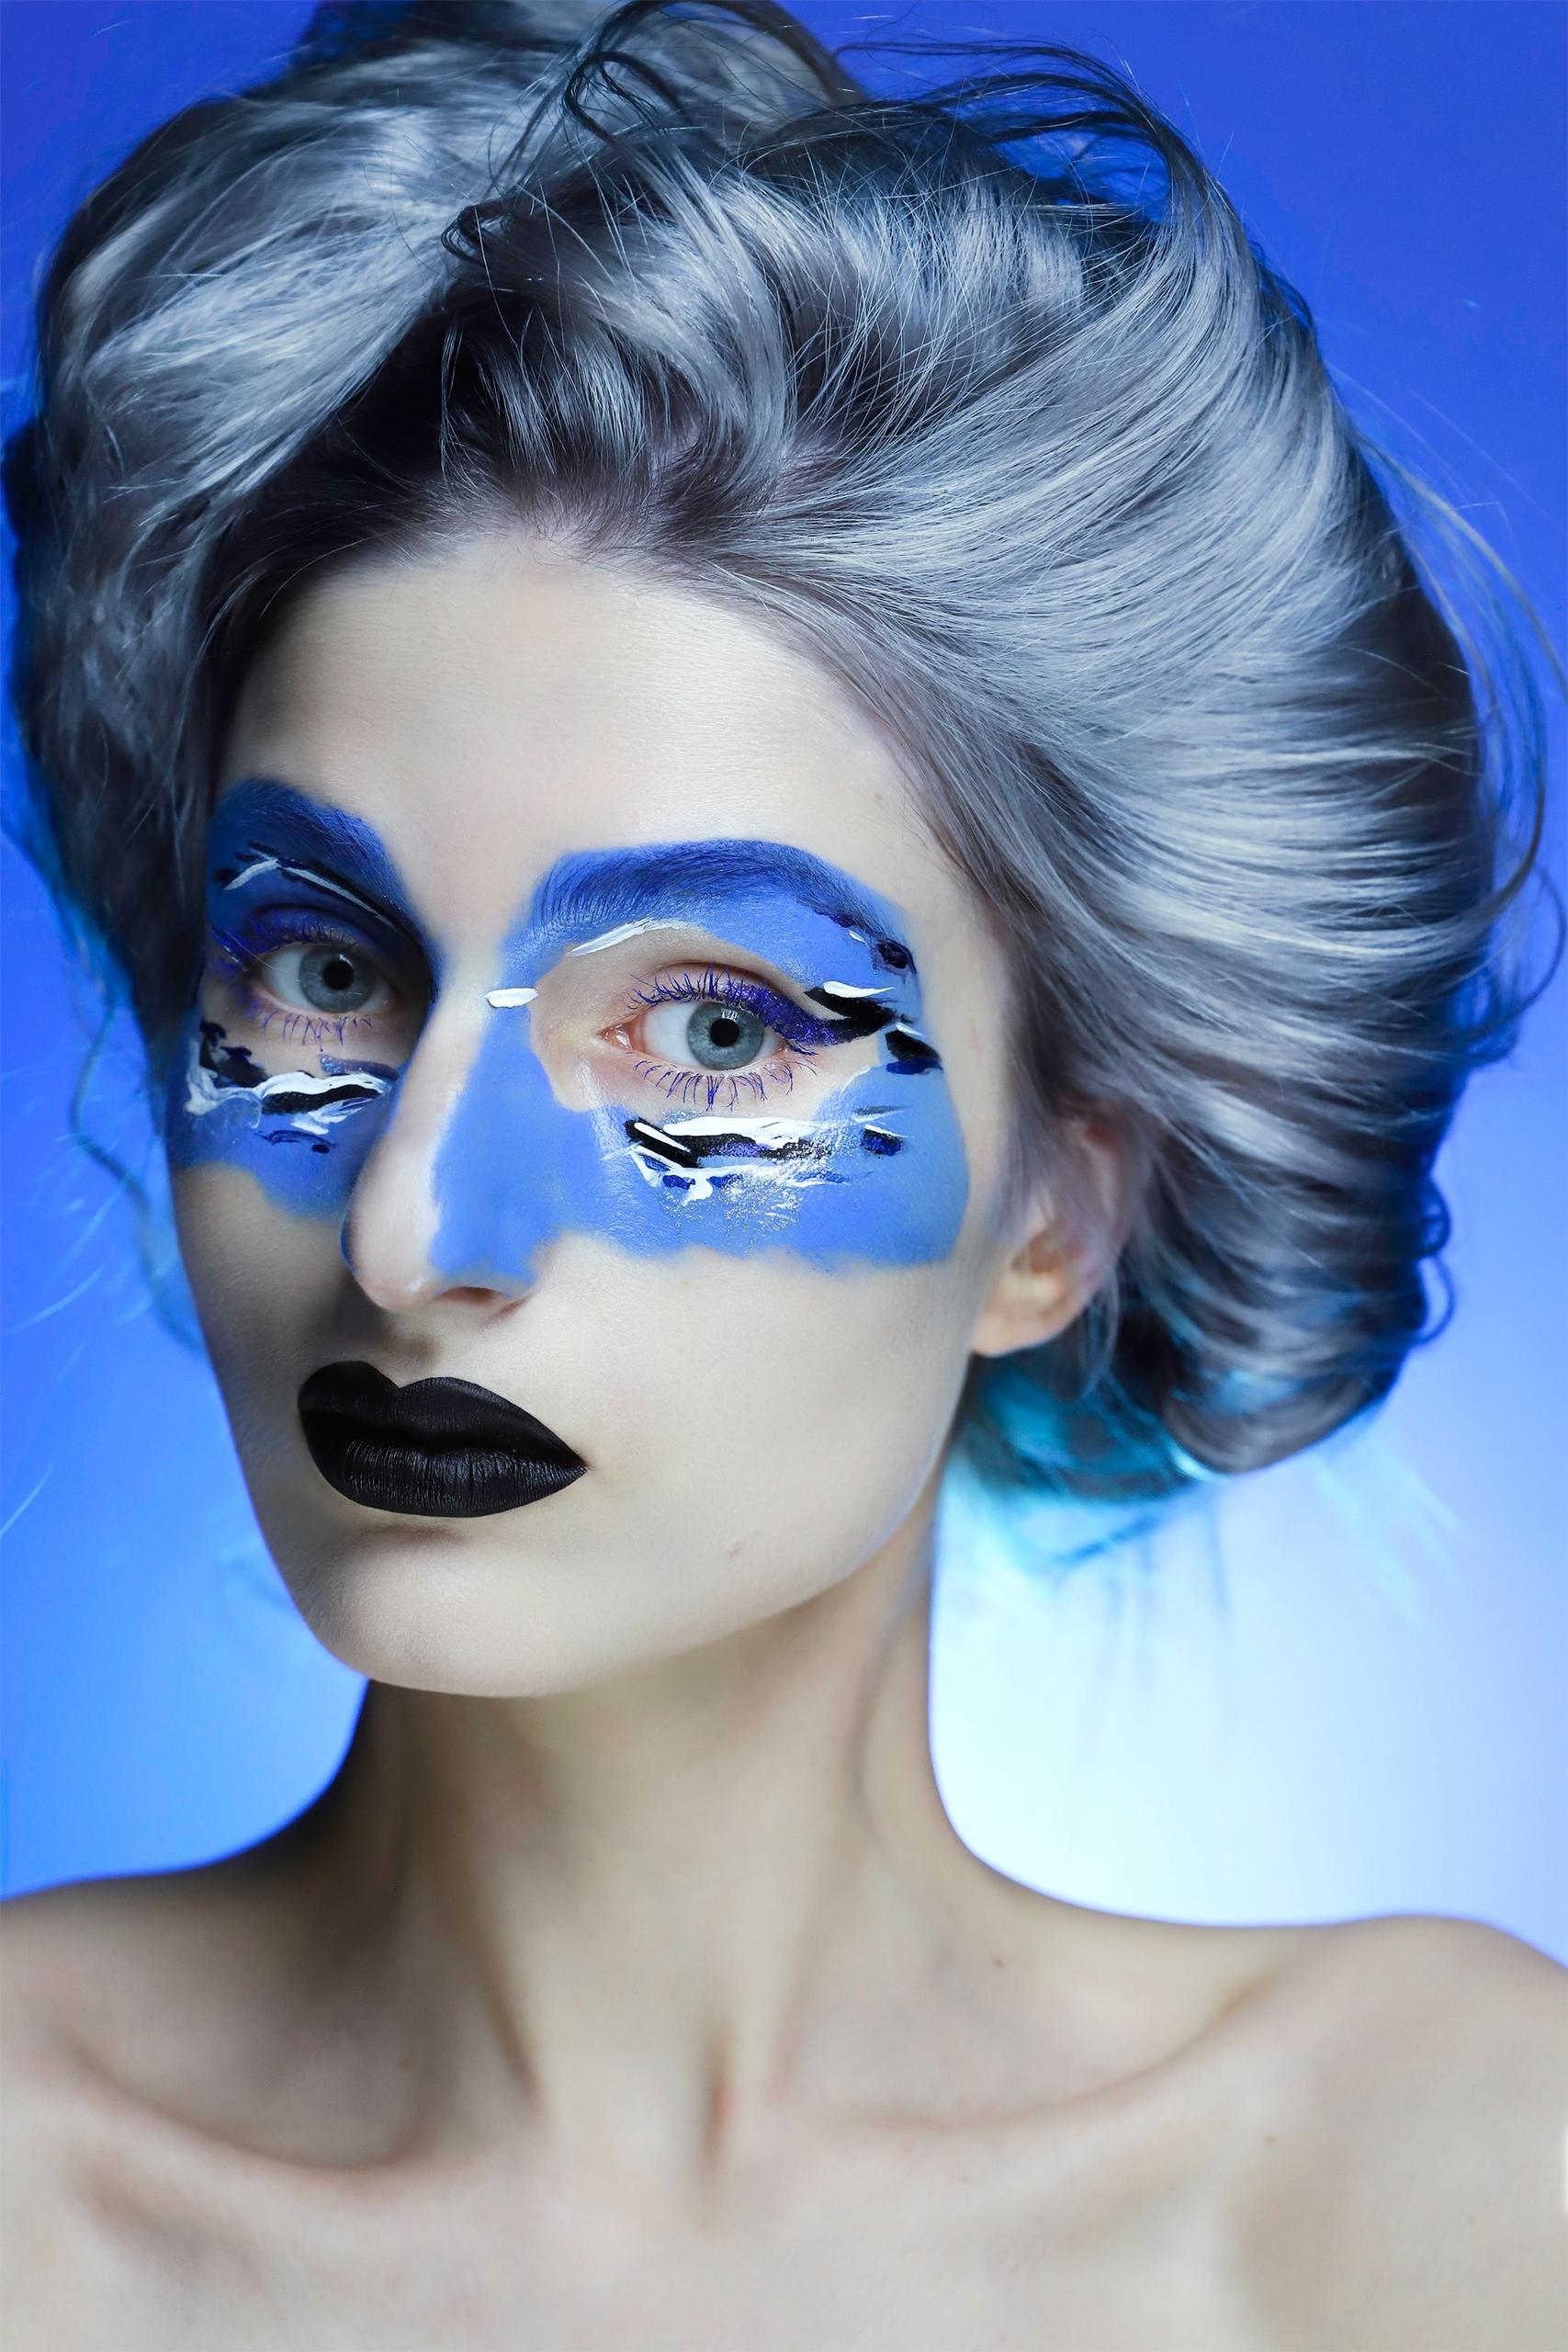 Fotografia przedstawia portret kobiety z szarymi włosami i czarnymi ustami na niebieskim tle.